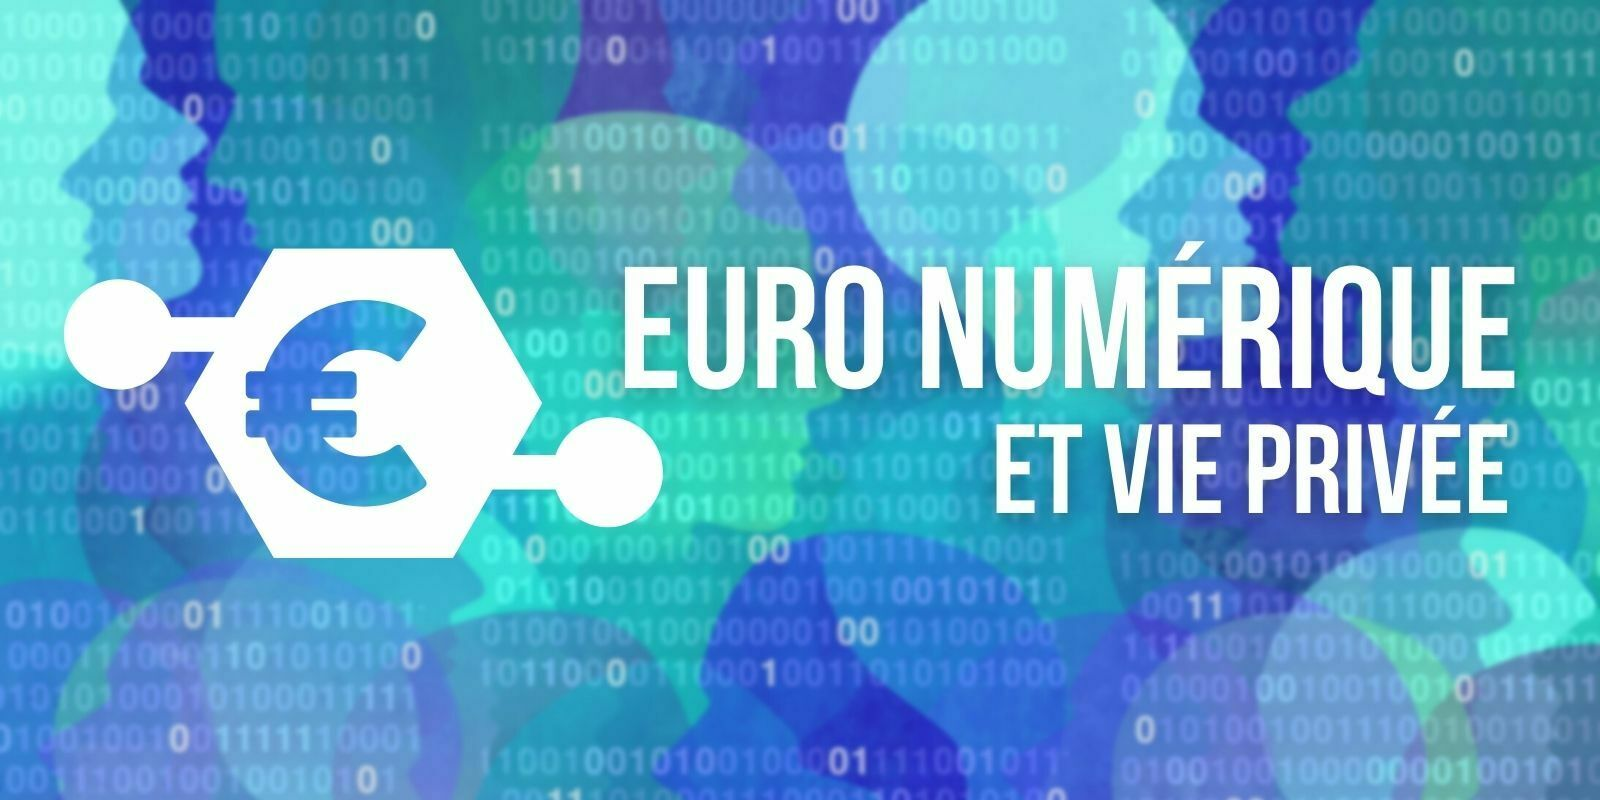 L'euro numérique protégera la vie privée des utilisateurs, selon un membre du directoire de la BCE